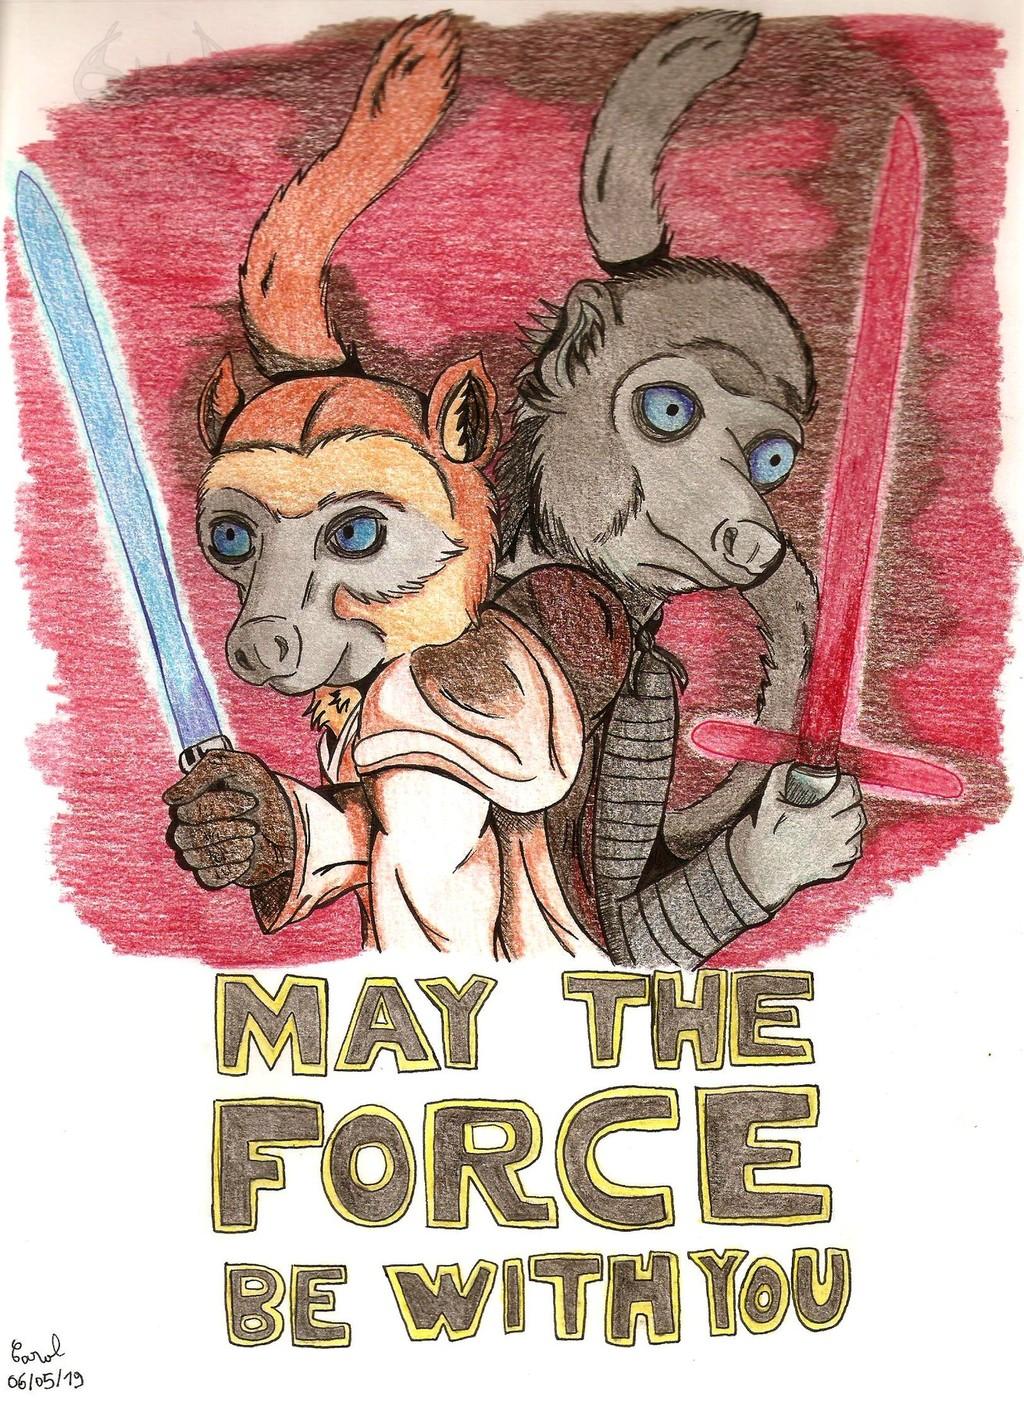 [Fantasy Lemurs] Lemurs of the Force